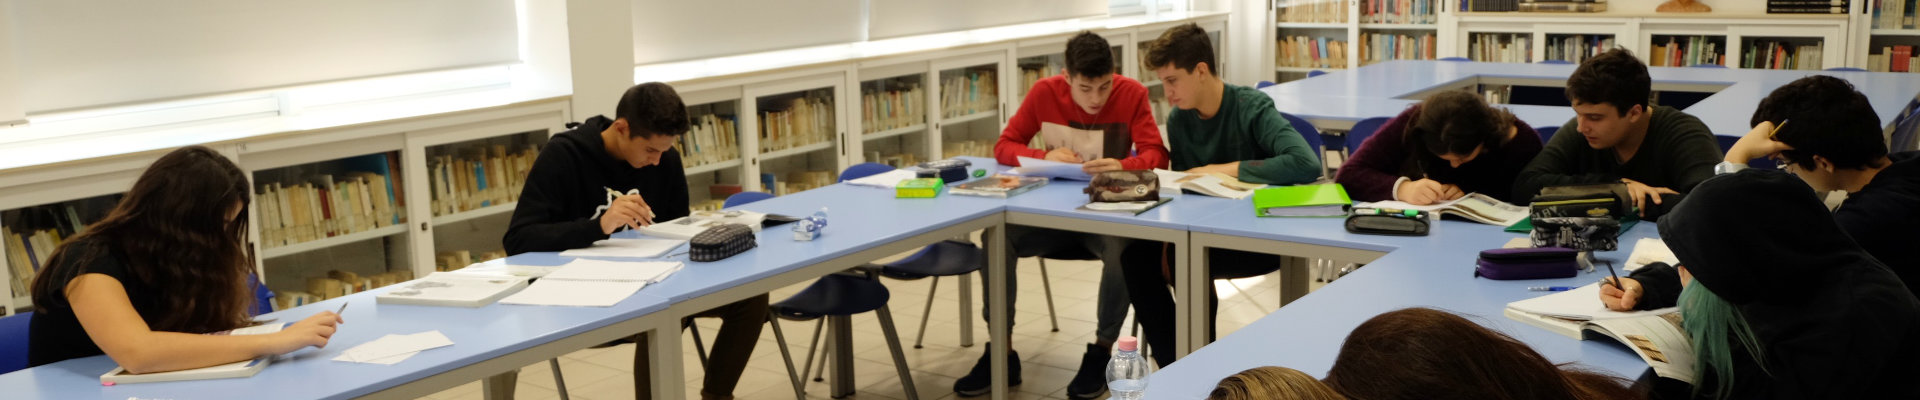 gruppo studio liceo olivetti